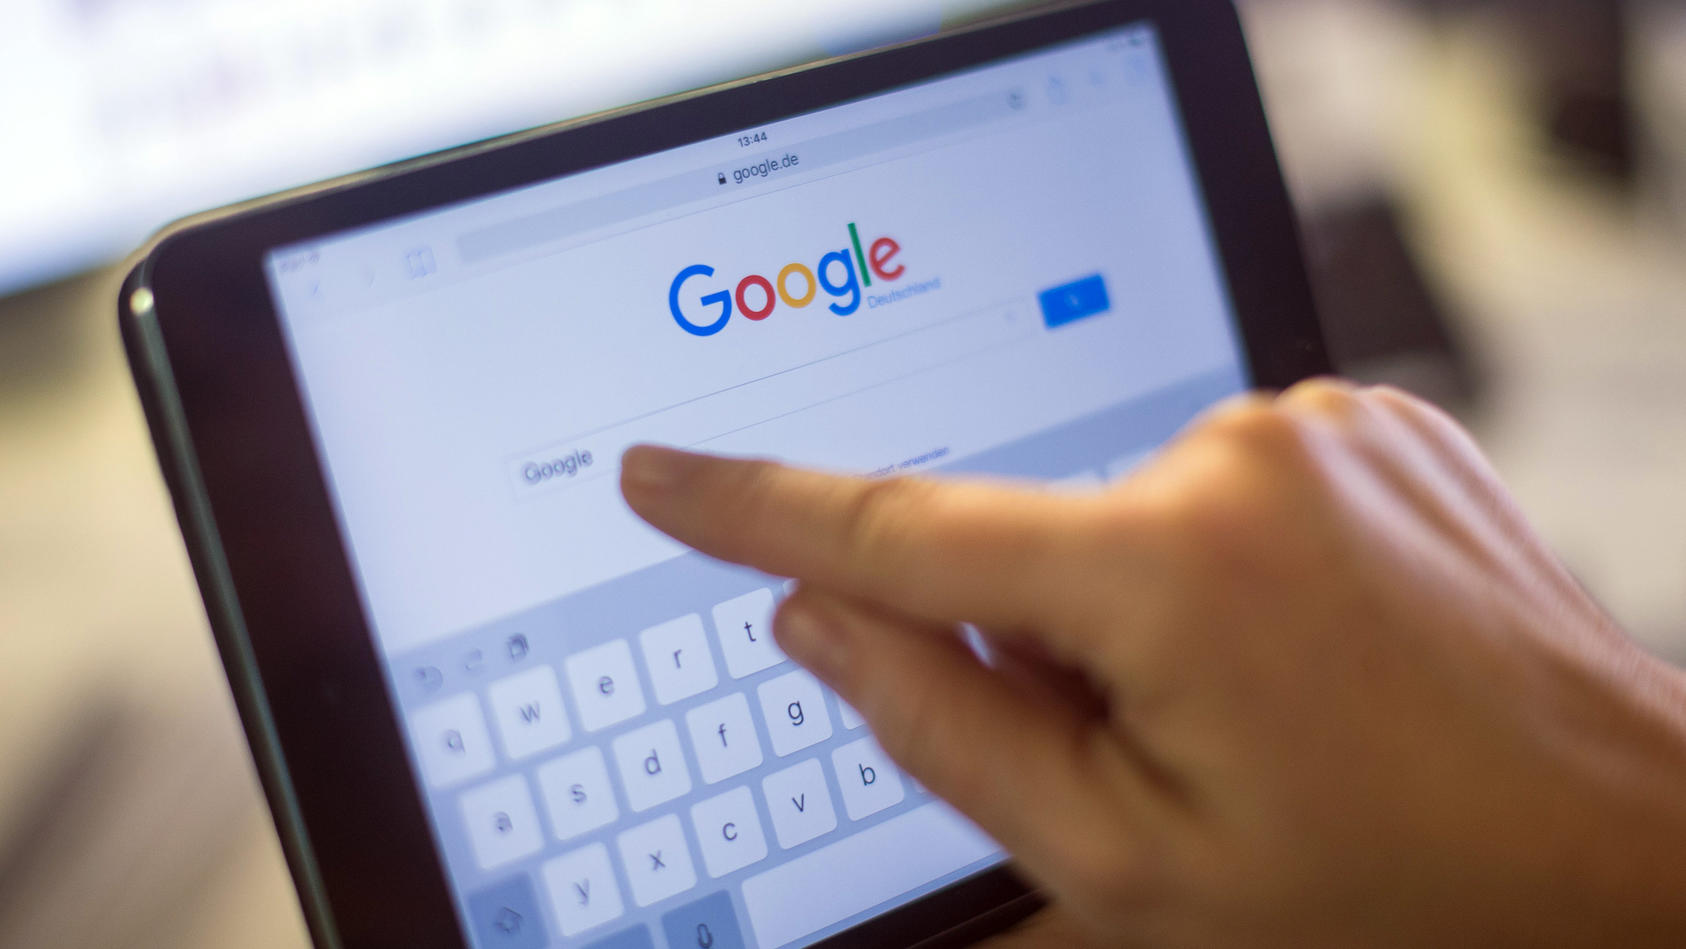 Es ist verlockend, bei Unwohlsein die Symptome schnell bei Google einzugeben. Aber ist das auch sinnvoll?